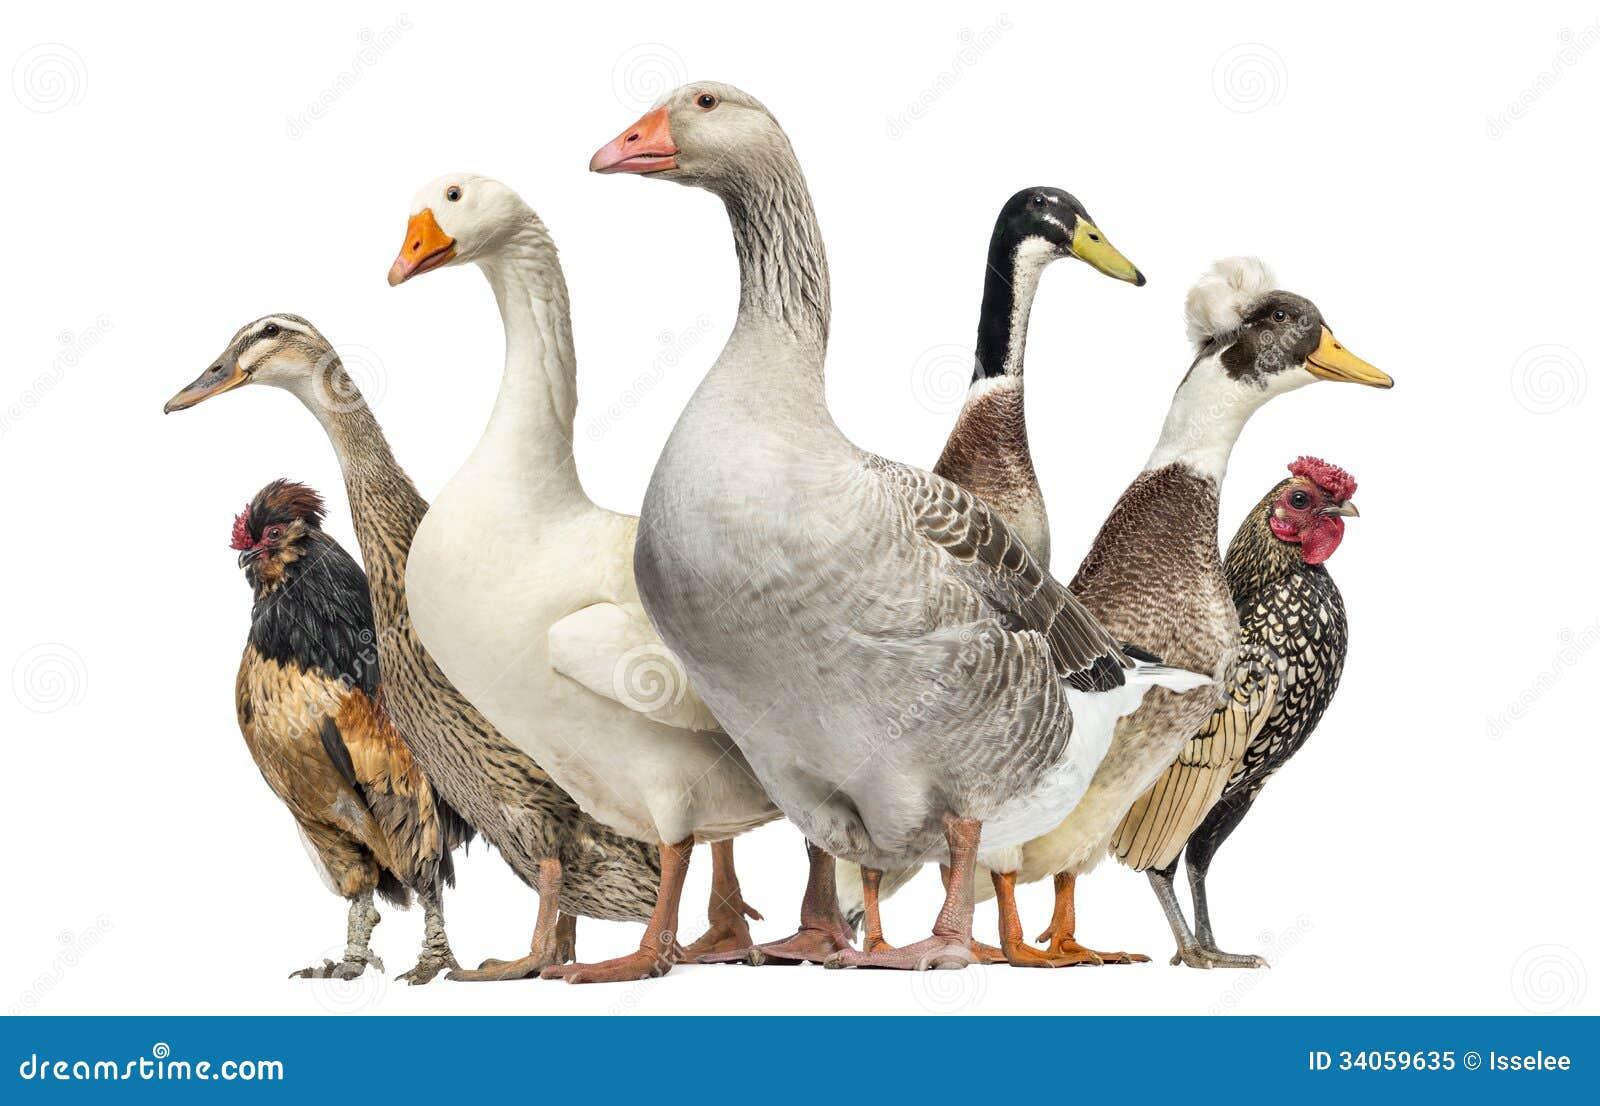 梦见鸡和鹅打架